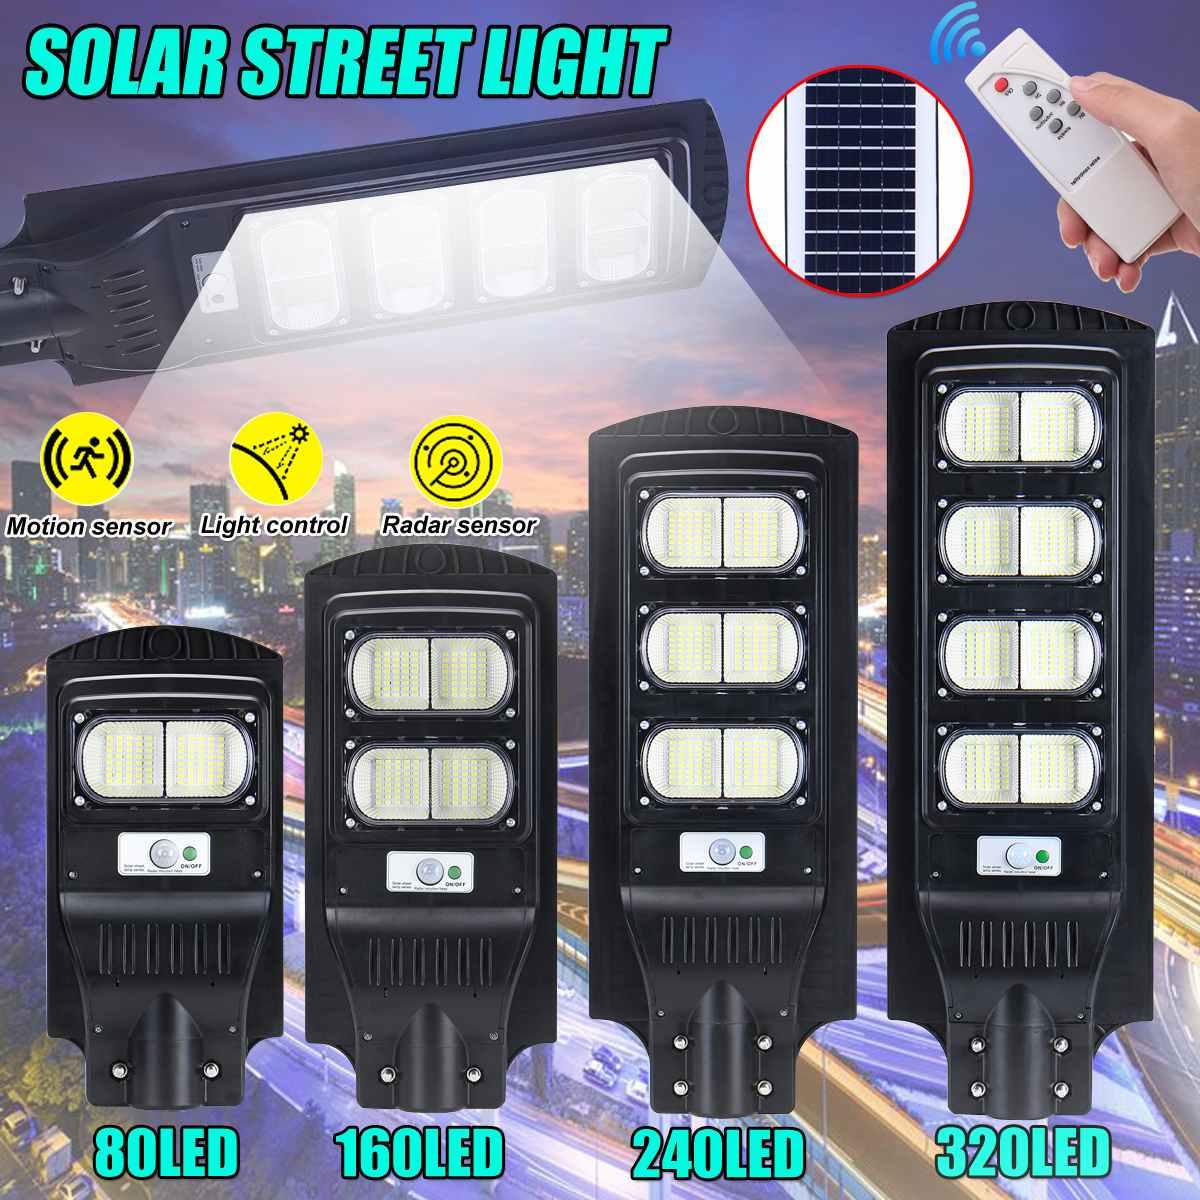 Polycrystalline Solar Led Street Light Infrared Motion Wall Light Sensor 200/300/400/800W Outdoor Lighting Garden Lamp Led Light